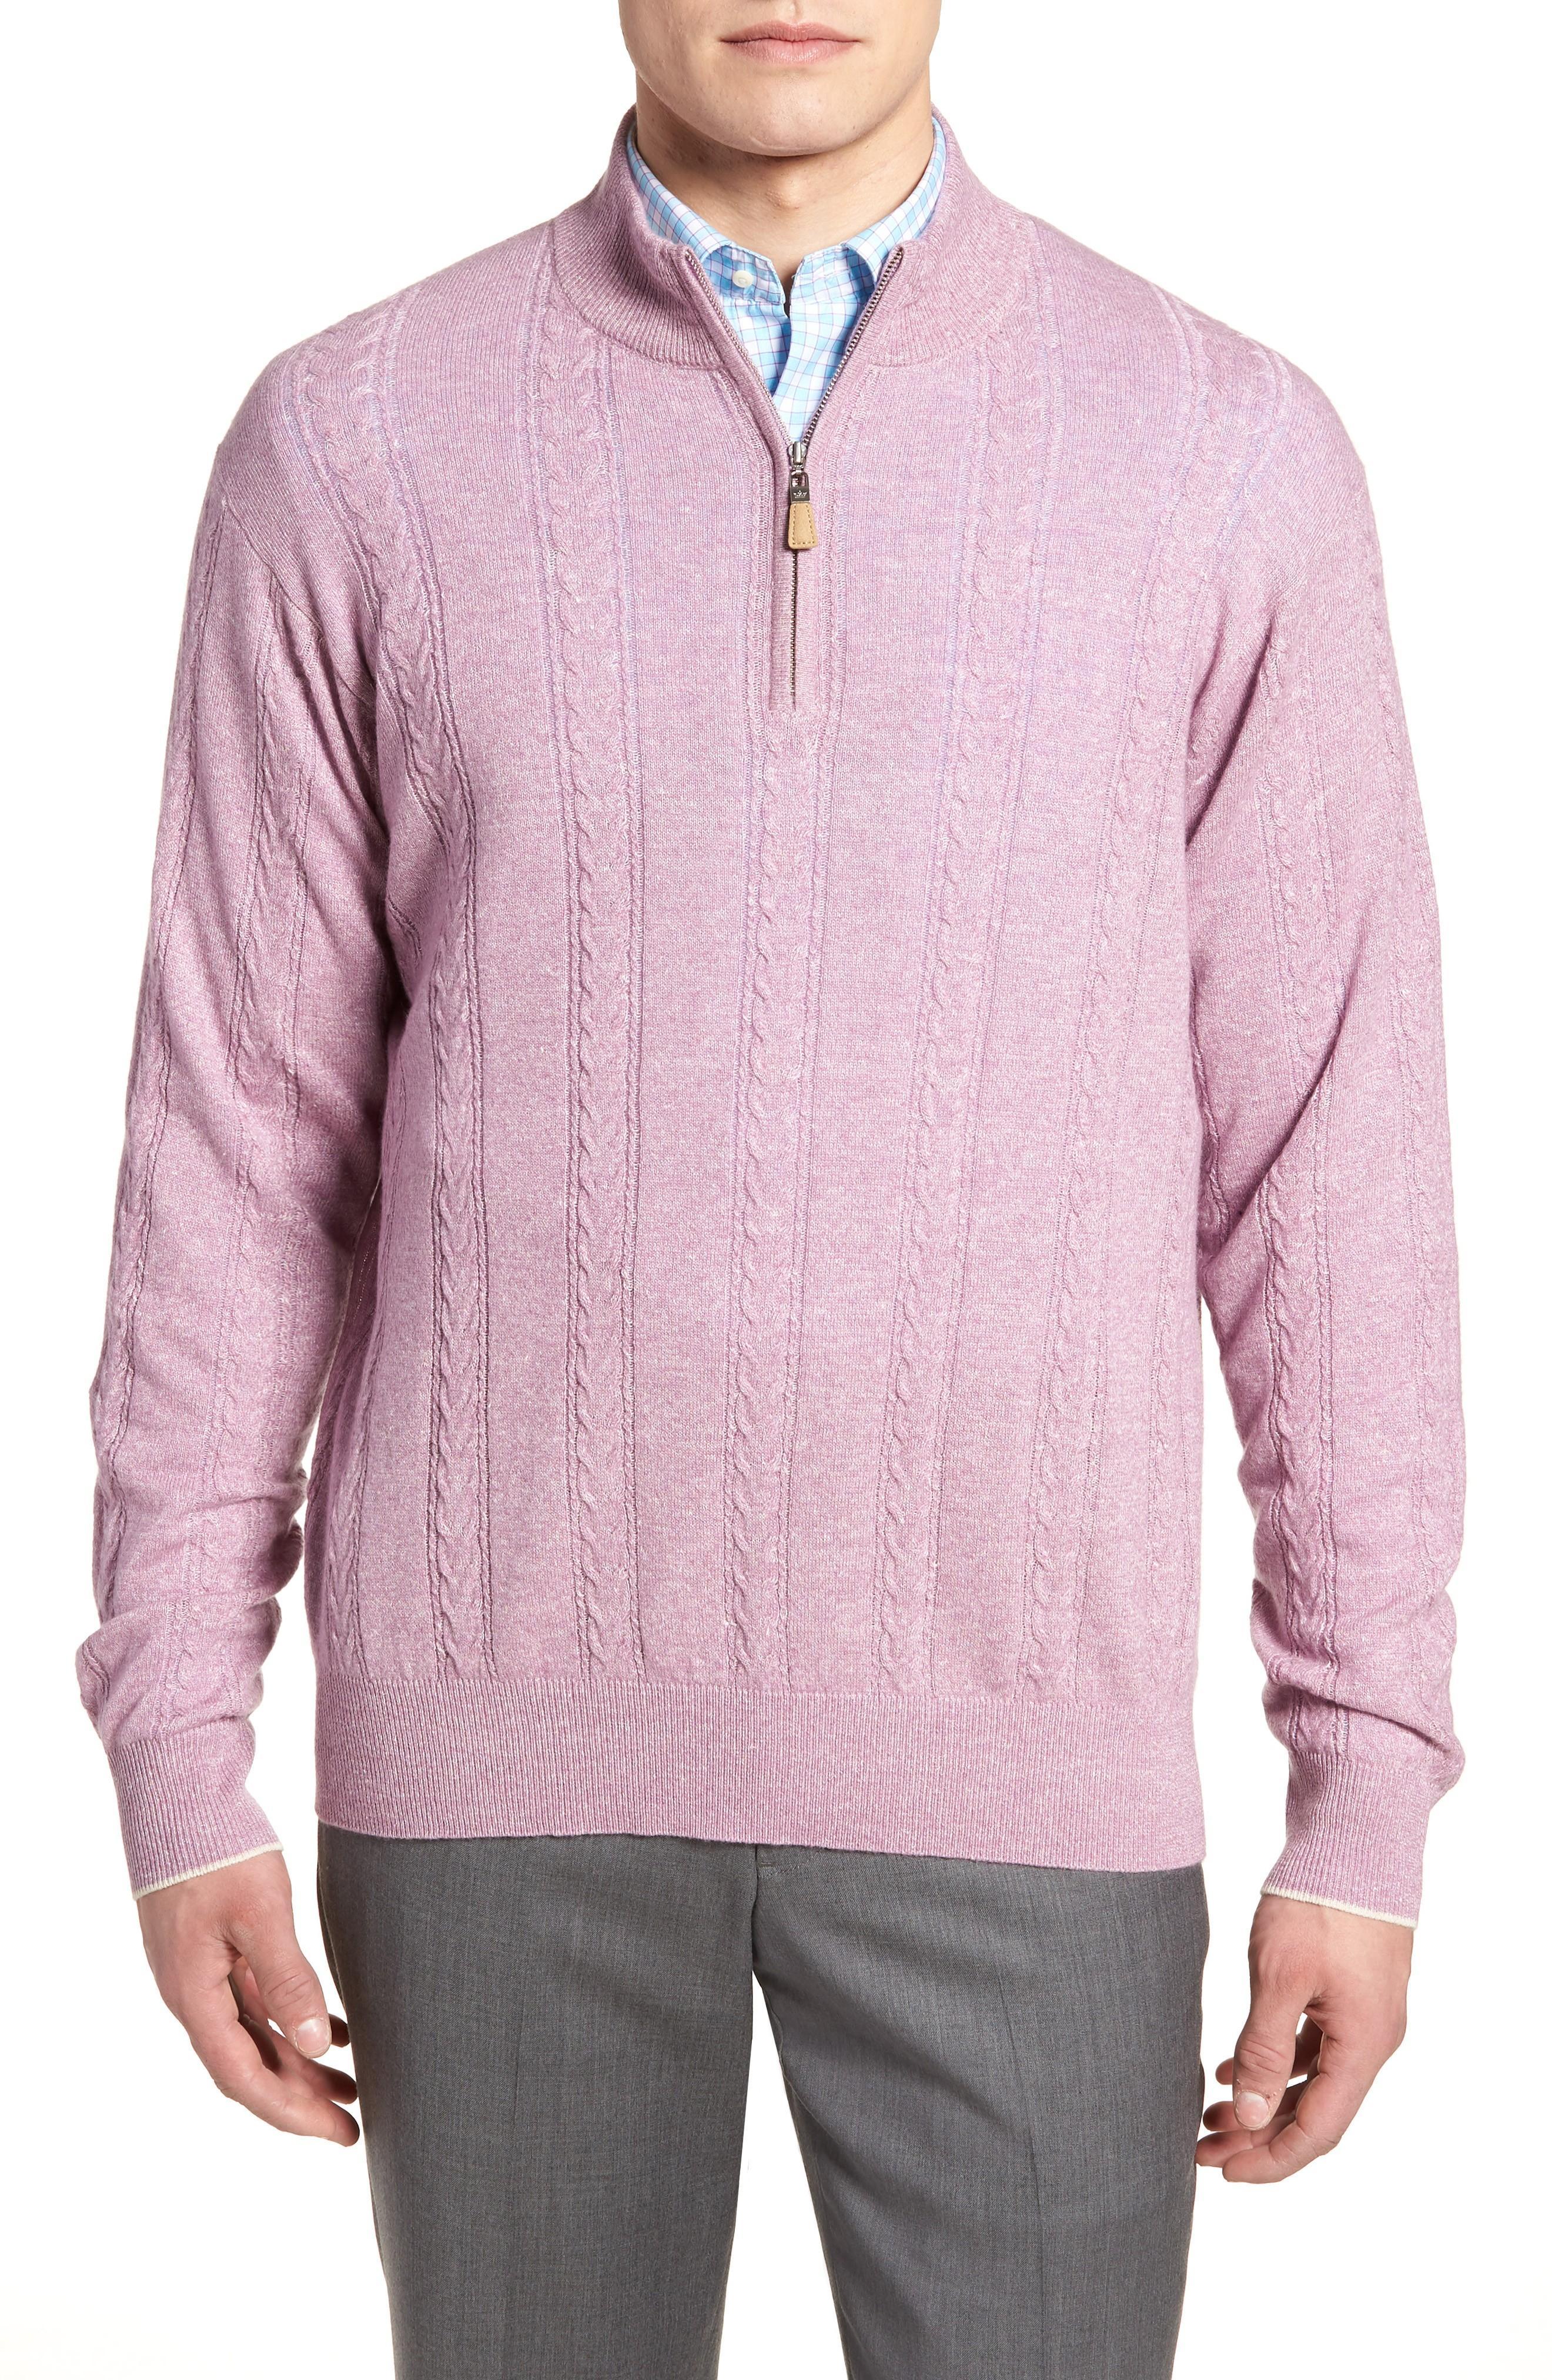 Peter Millar Crown Fleece Cashmere & Linen Quarter Zip Sweater In Muscadine